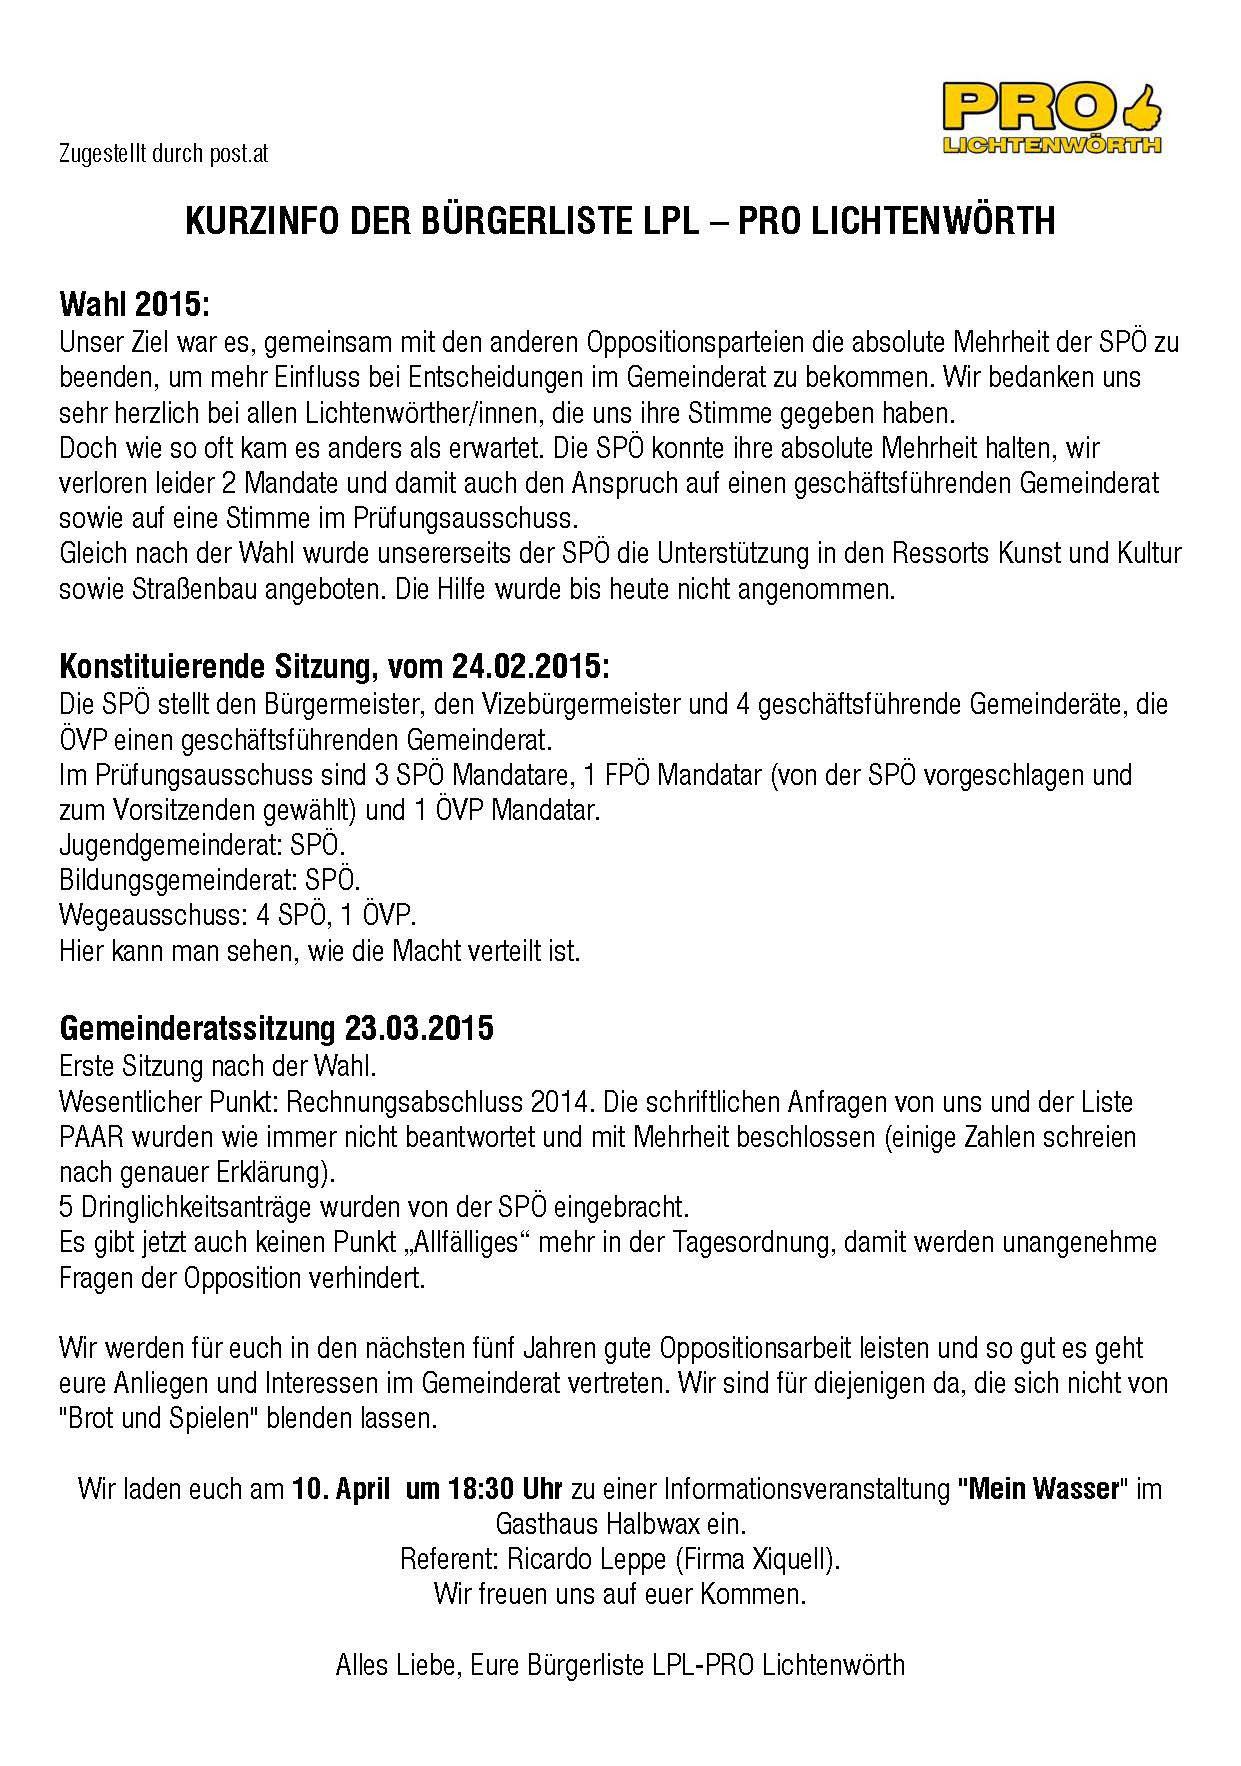 Postwurfsendung 2015/07 - LPL-Liste PRO Lichtenwörth